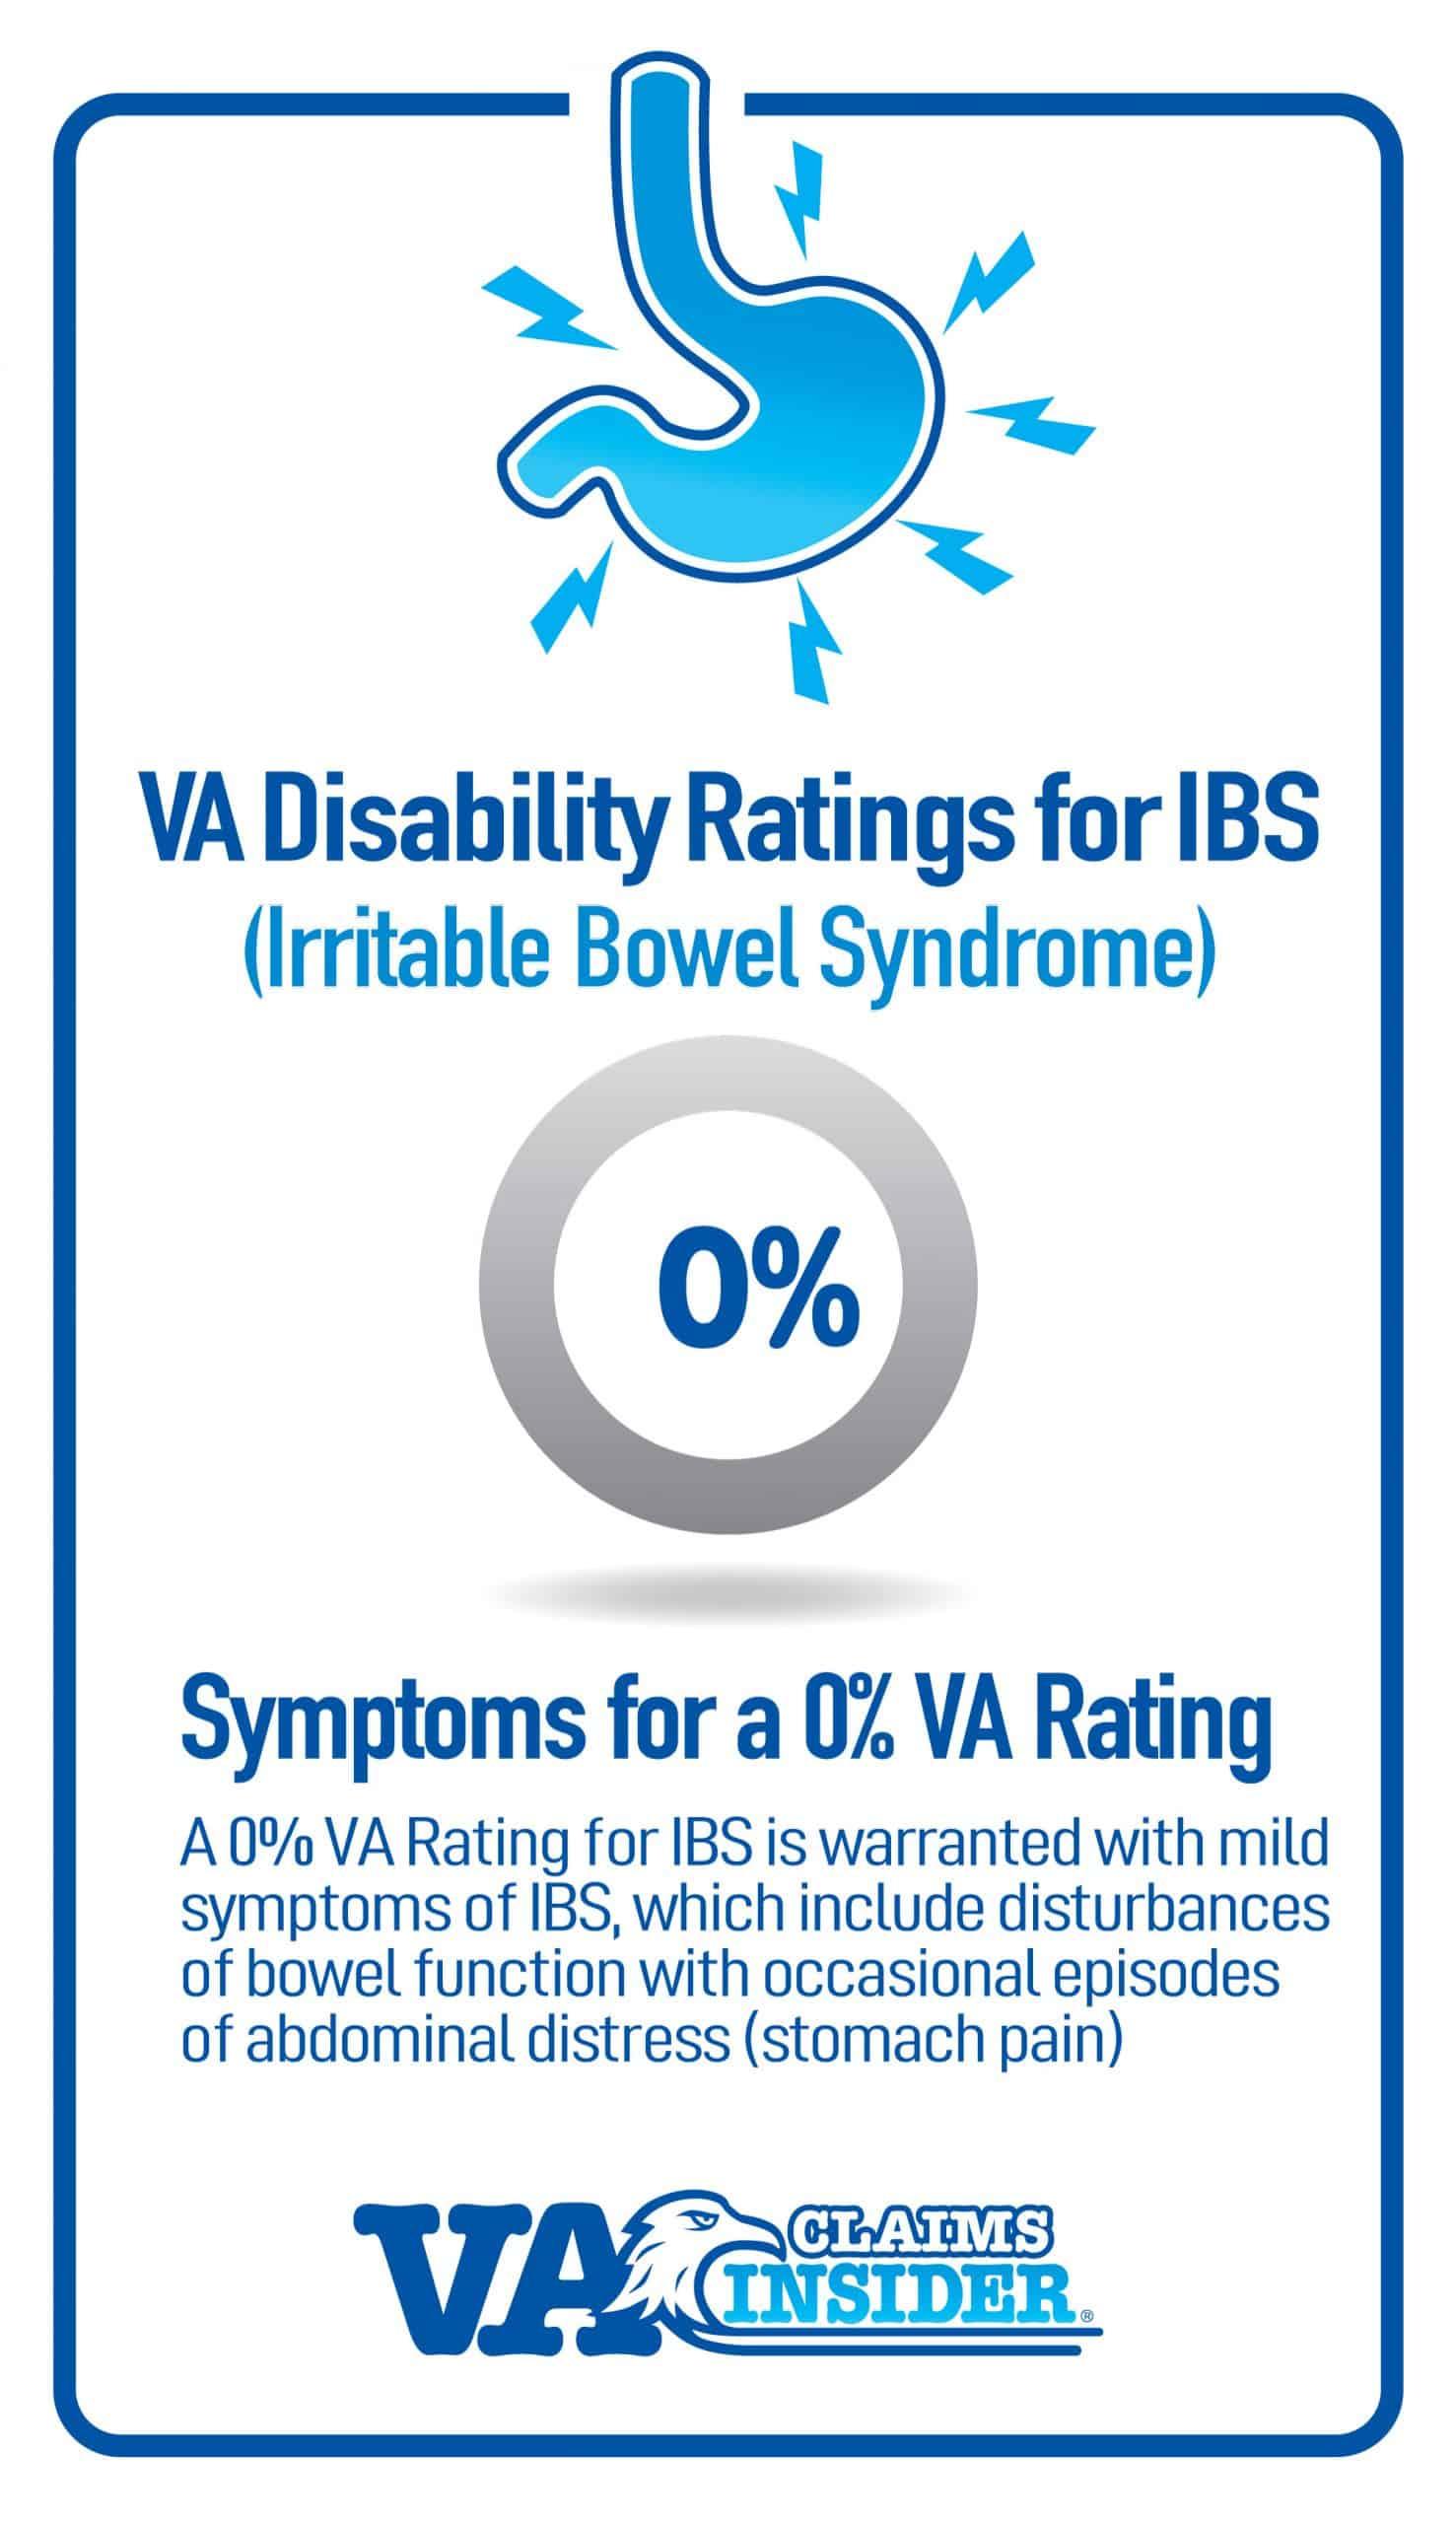 0 Percent VA Rating fror IBS